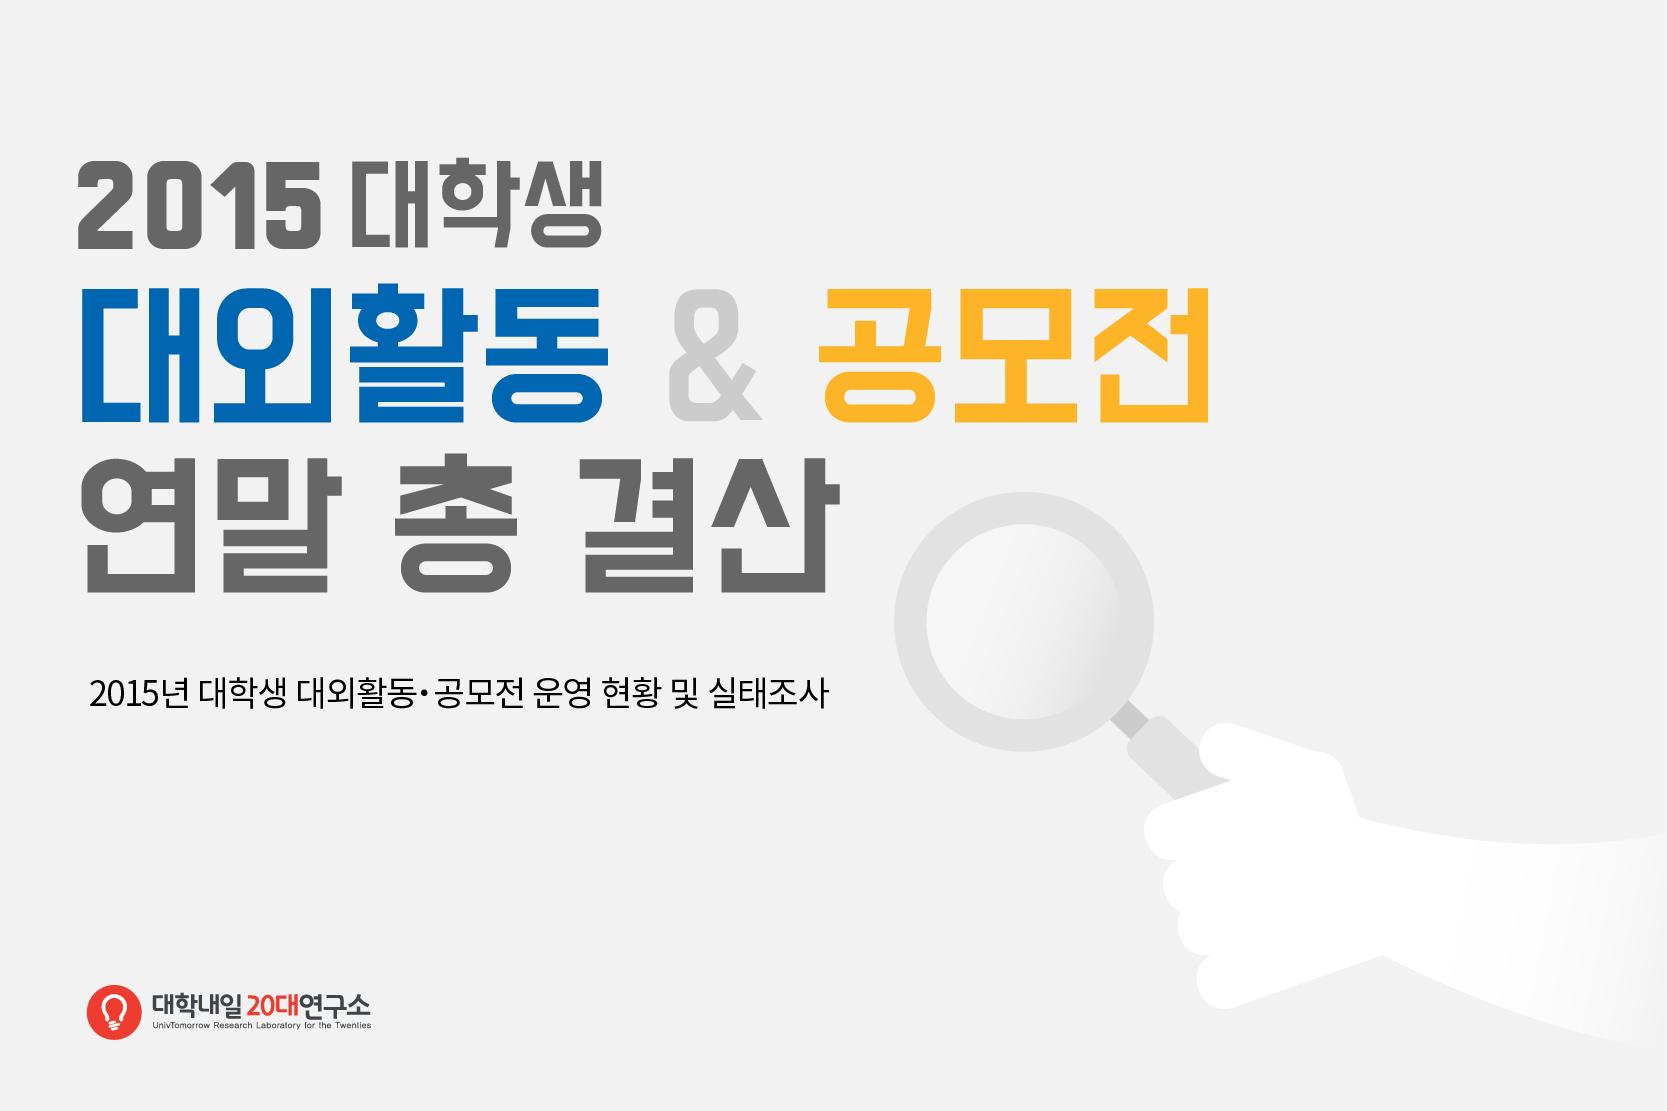 2015아웃캠퍼스-01